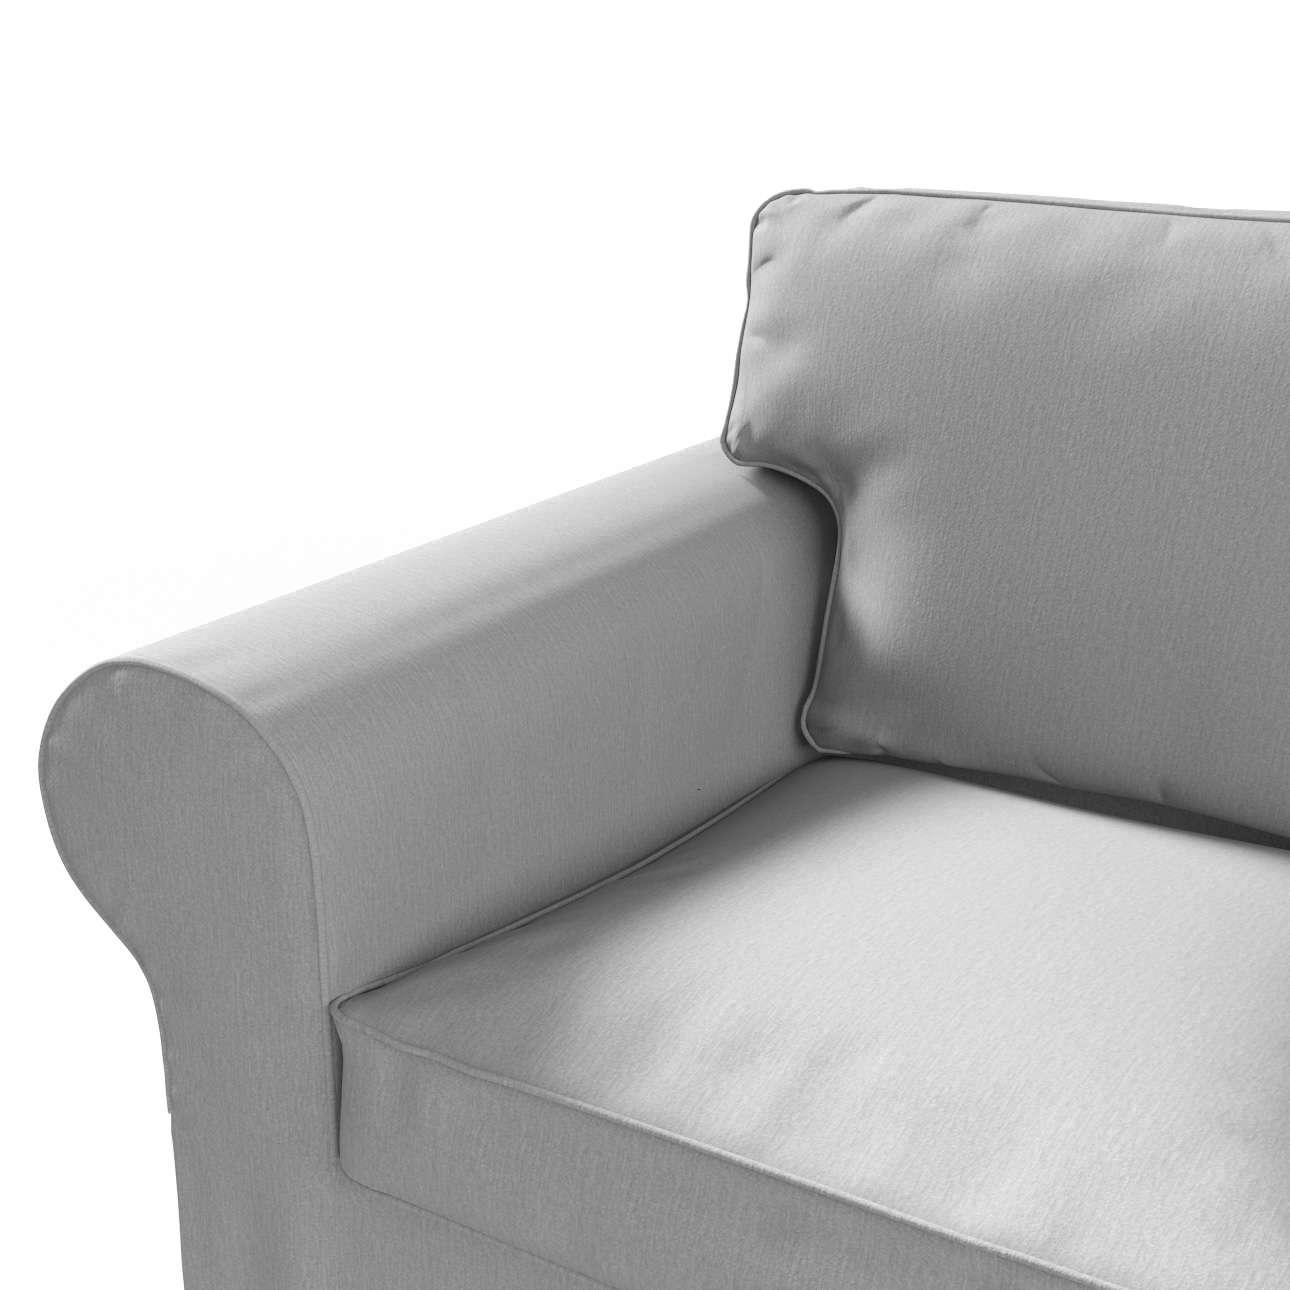 Potah na pohovku IKEA Ektorp 2-místná rozkládací  NOVÝ MODEL od 2012 Ektorp 2012 v kolekci Chenille , látka: 702-23